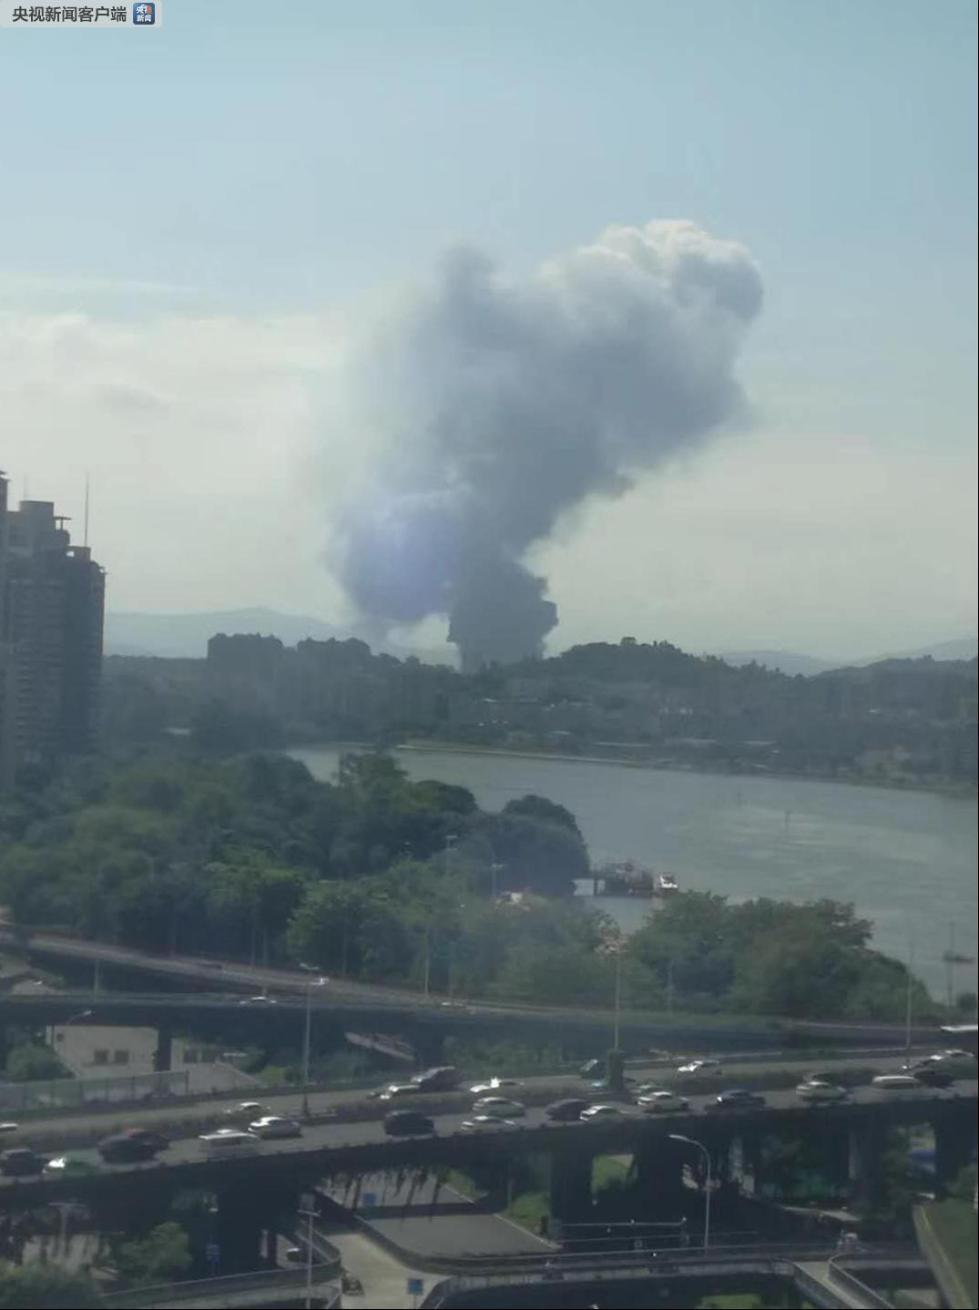 福建福州一鞋厂着火 近百名消防员扑救